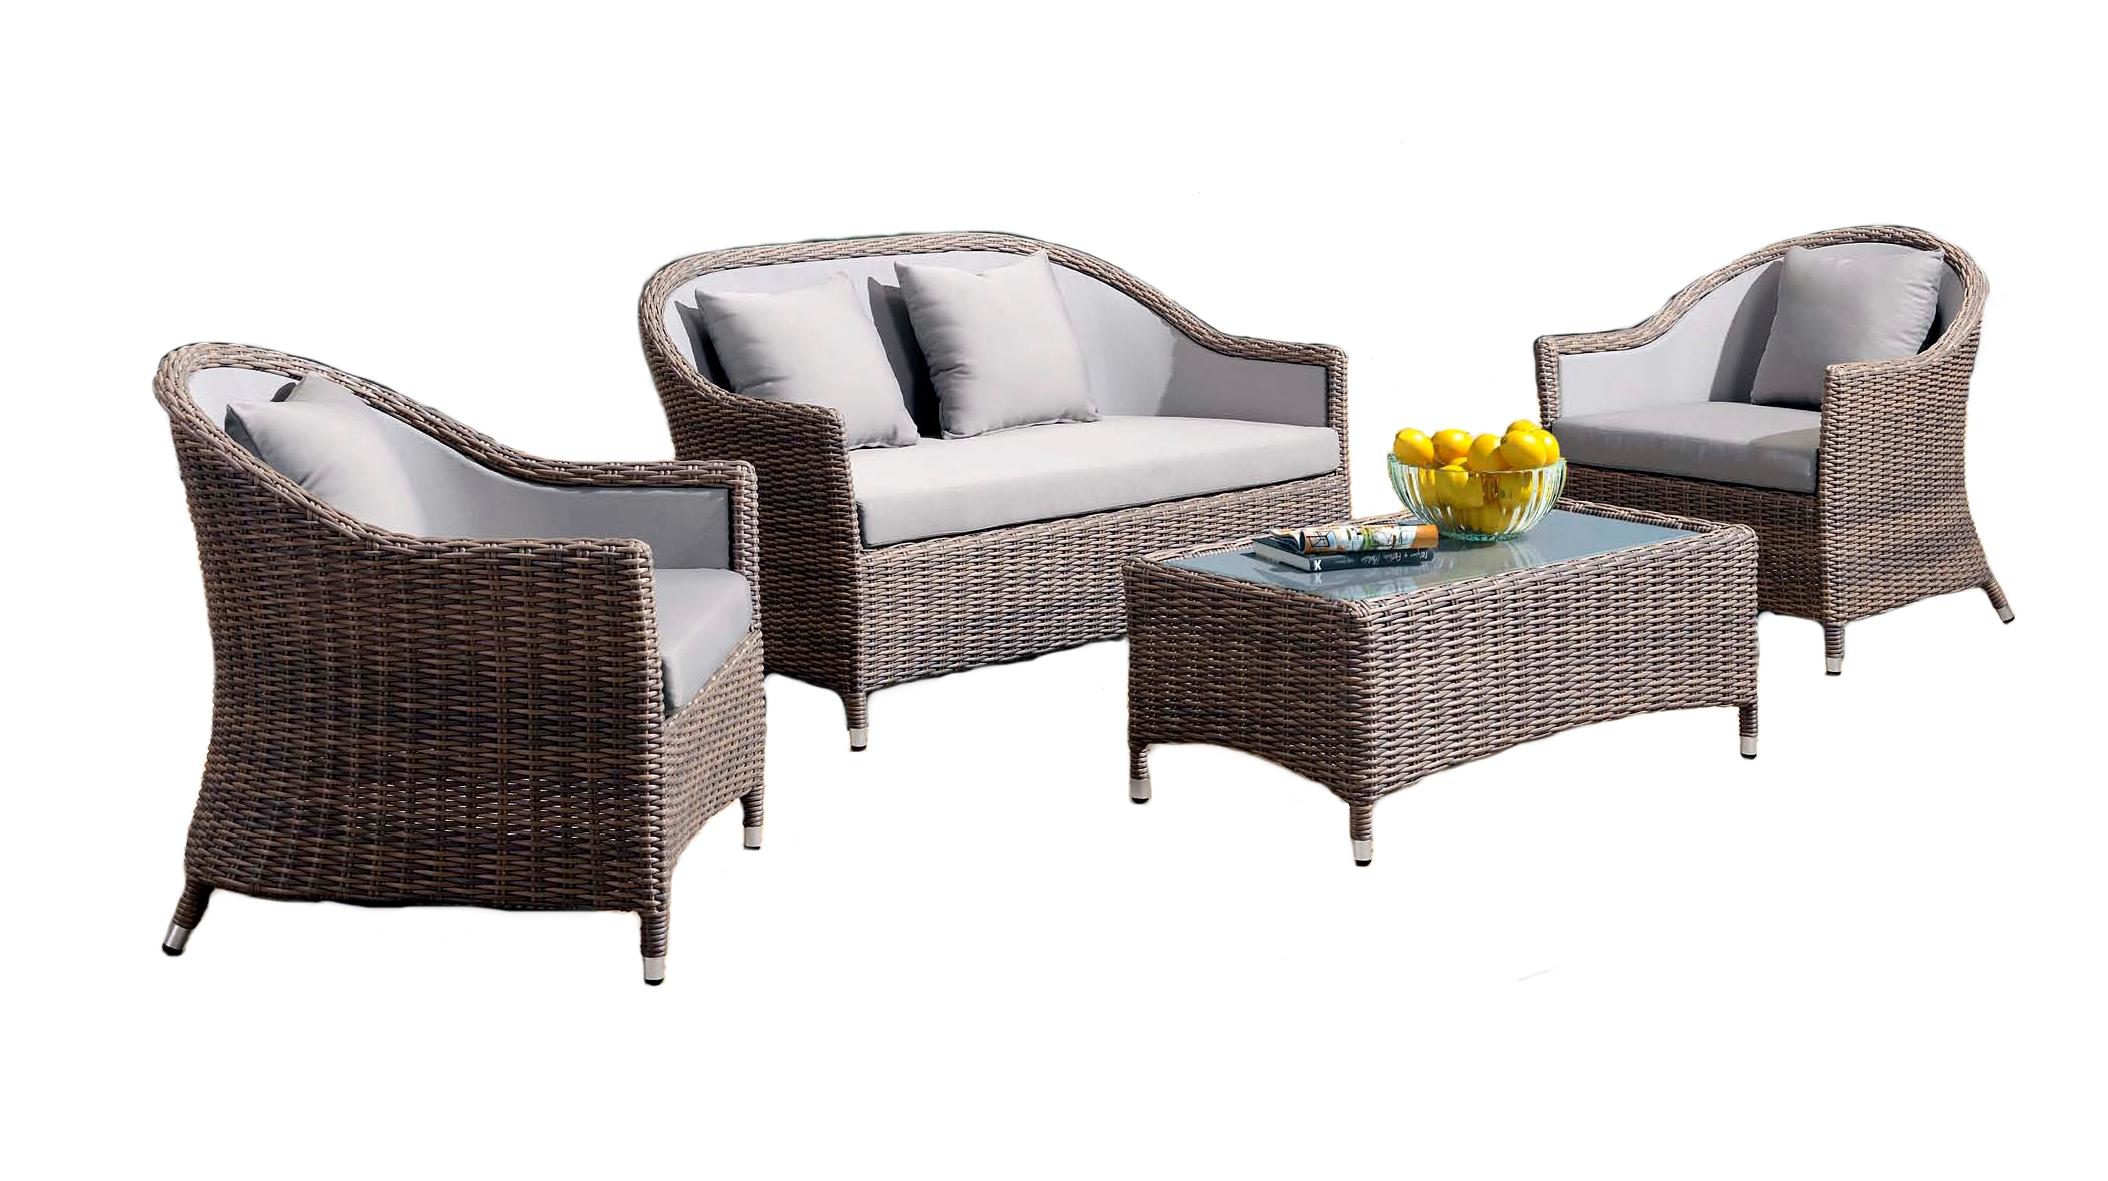 Лаунж зона ОрвиеттоПлетеная мебель из искусственного ротанга<br>Диван: 134х78 В81, кресло: 72х78 В81, стол: 101х52 В40<br><br>Материалы: Искусственный ротанг, стекло закаленное - 5 мм<br>Каркас: Алюминий<br>Полный размер (ДхГхВ): Диван: 134х78 В81, кресло: 72х78 В81, стол: 101х52 В40<br>Цвет: Серо-коричневый<br>Изготовление и доставка: 2-3 дня<br>Условия доставки: Бесплатная по Москве до подъезда<br>Условие оплаты: Оплата наличными при получении товара<br>Производство: Китай<br>Производитель: 4sis